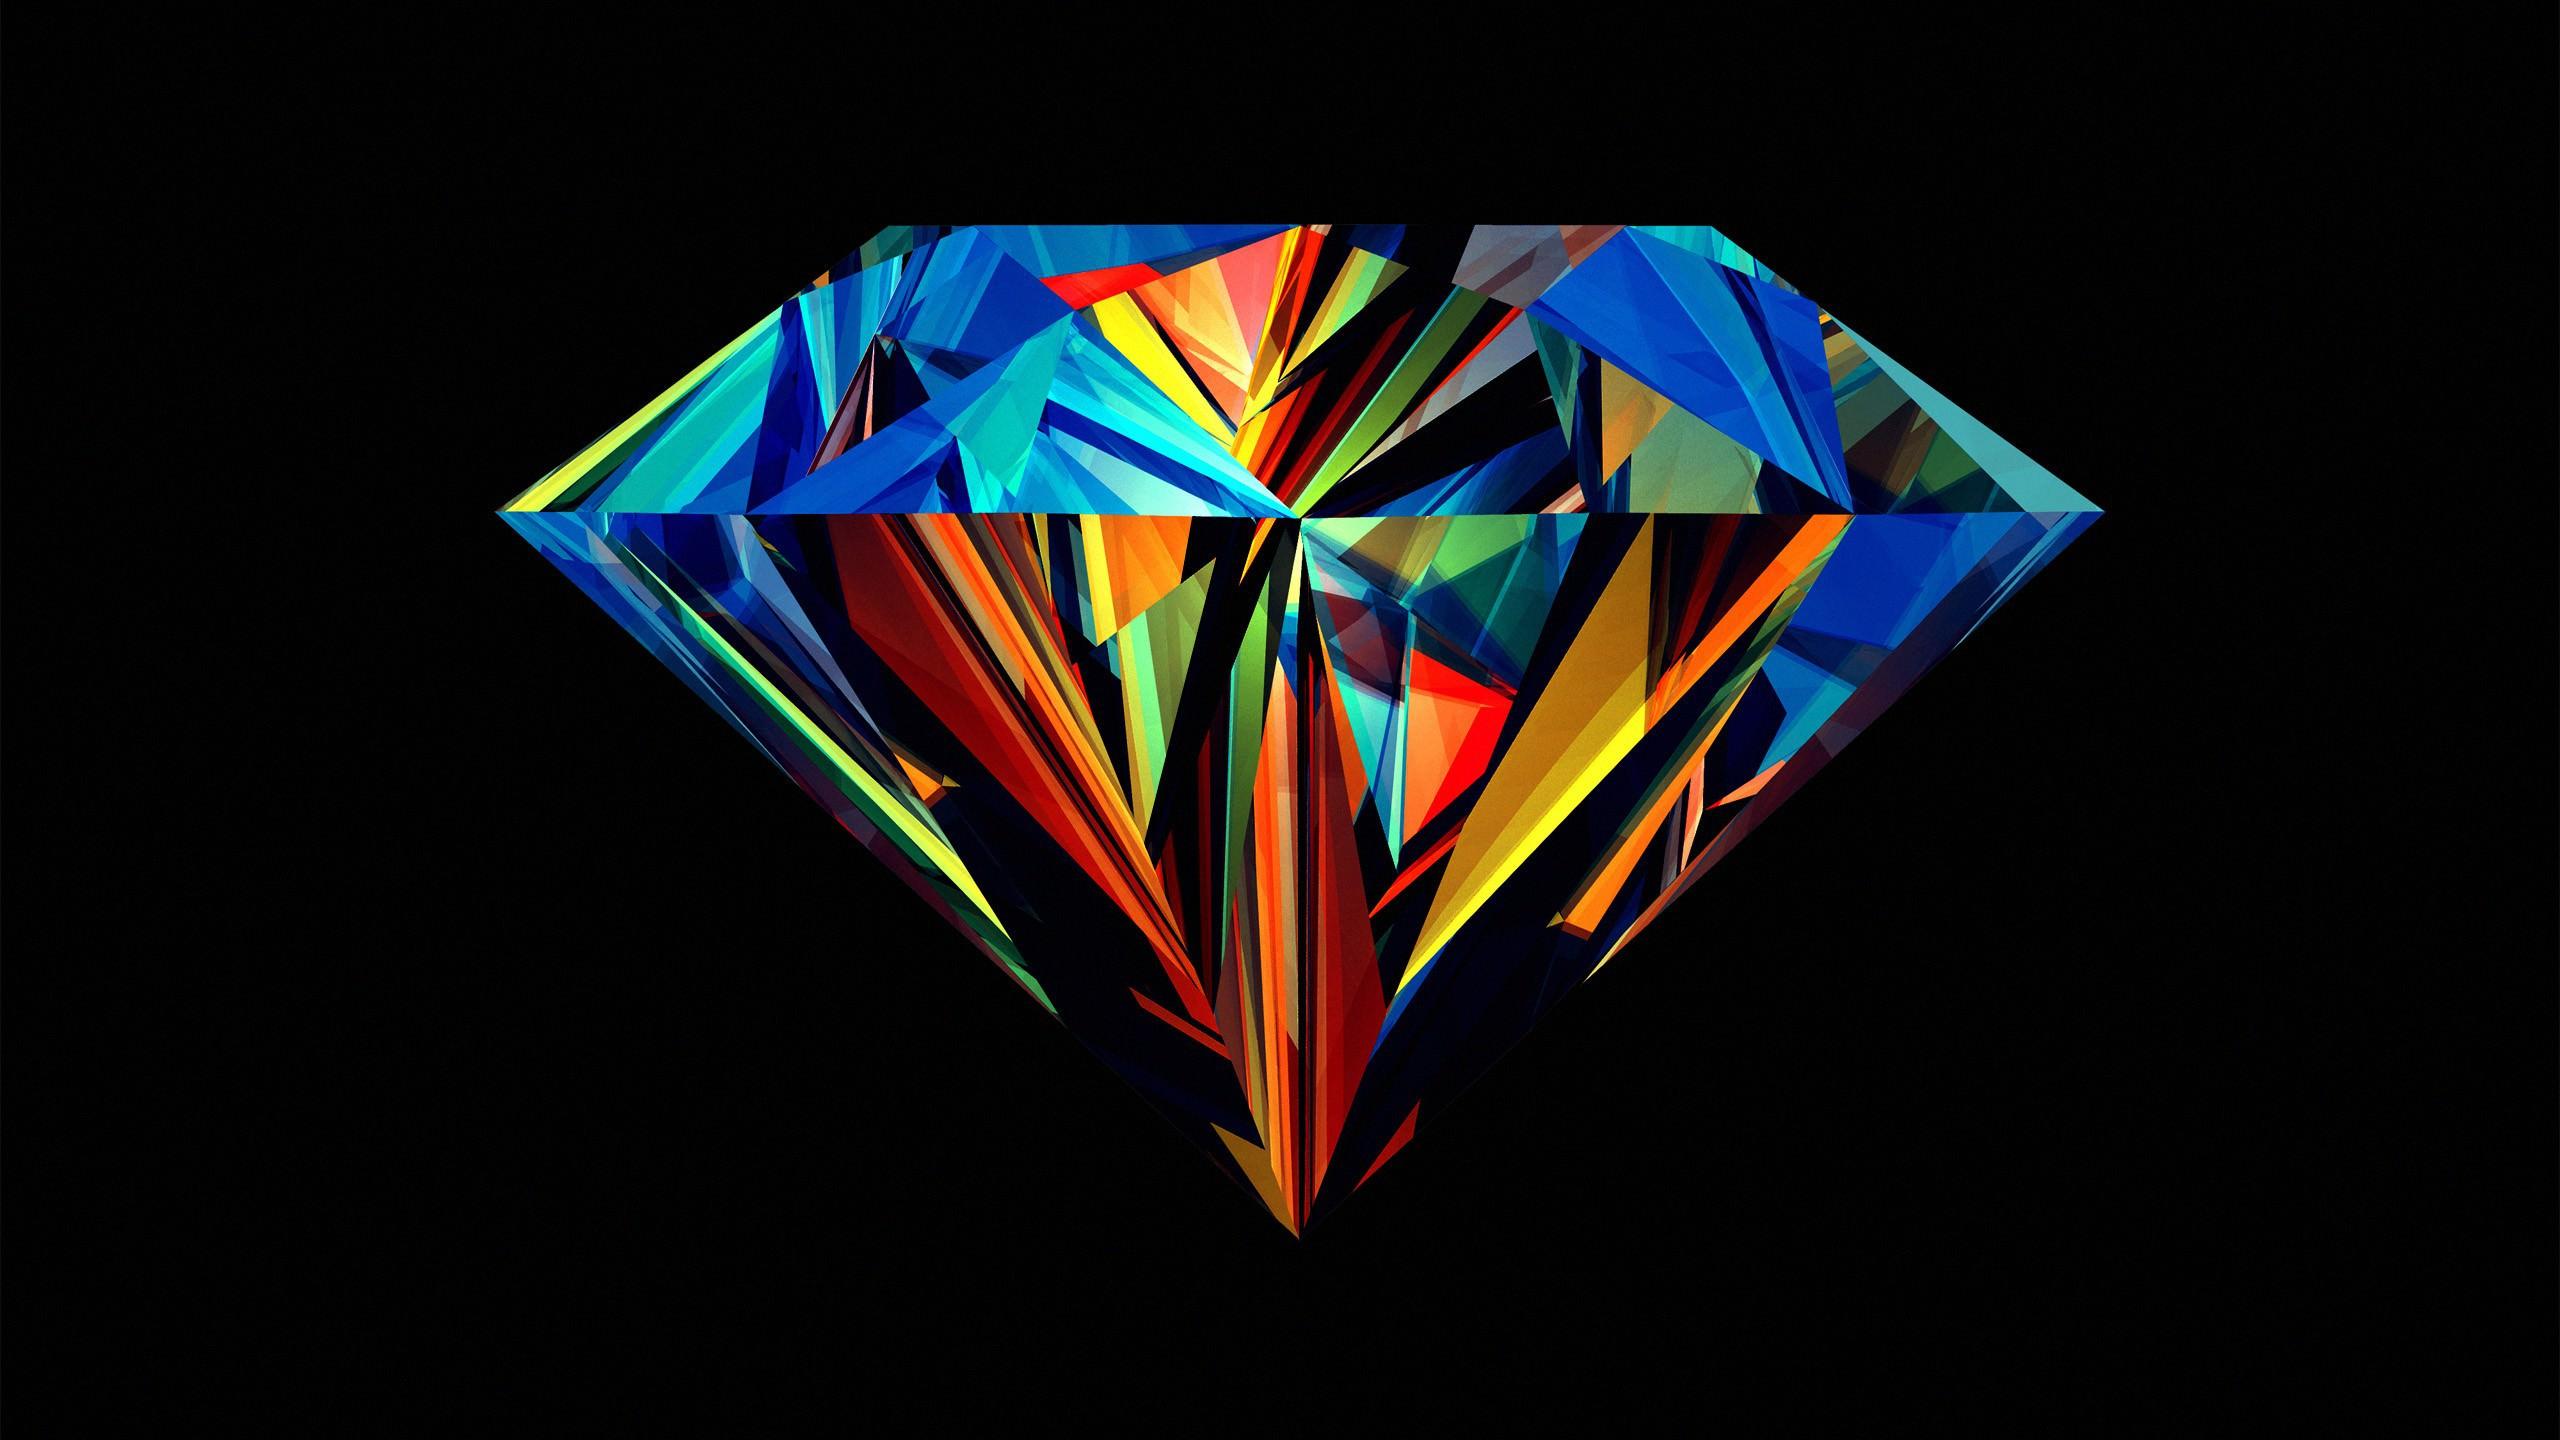 Amazing Crystal background